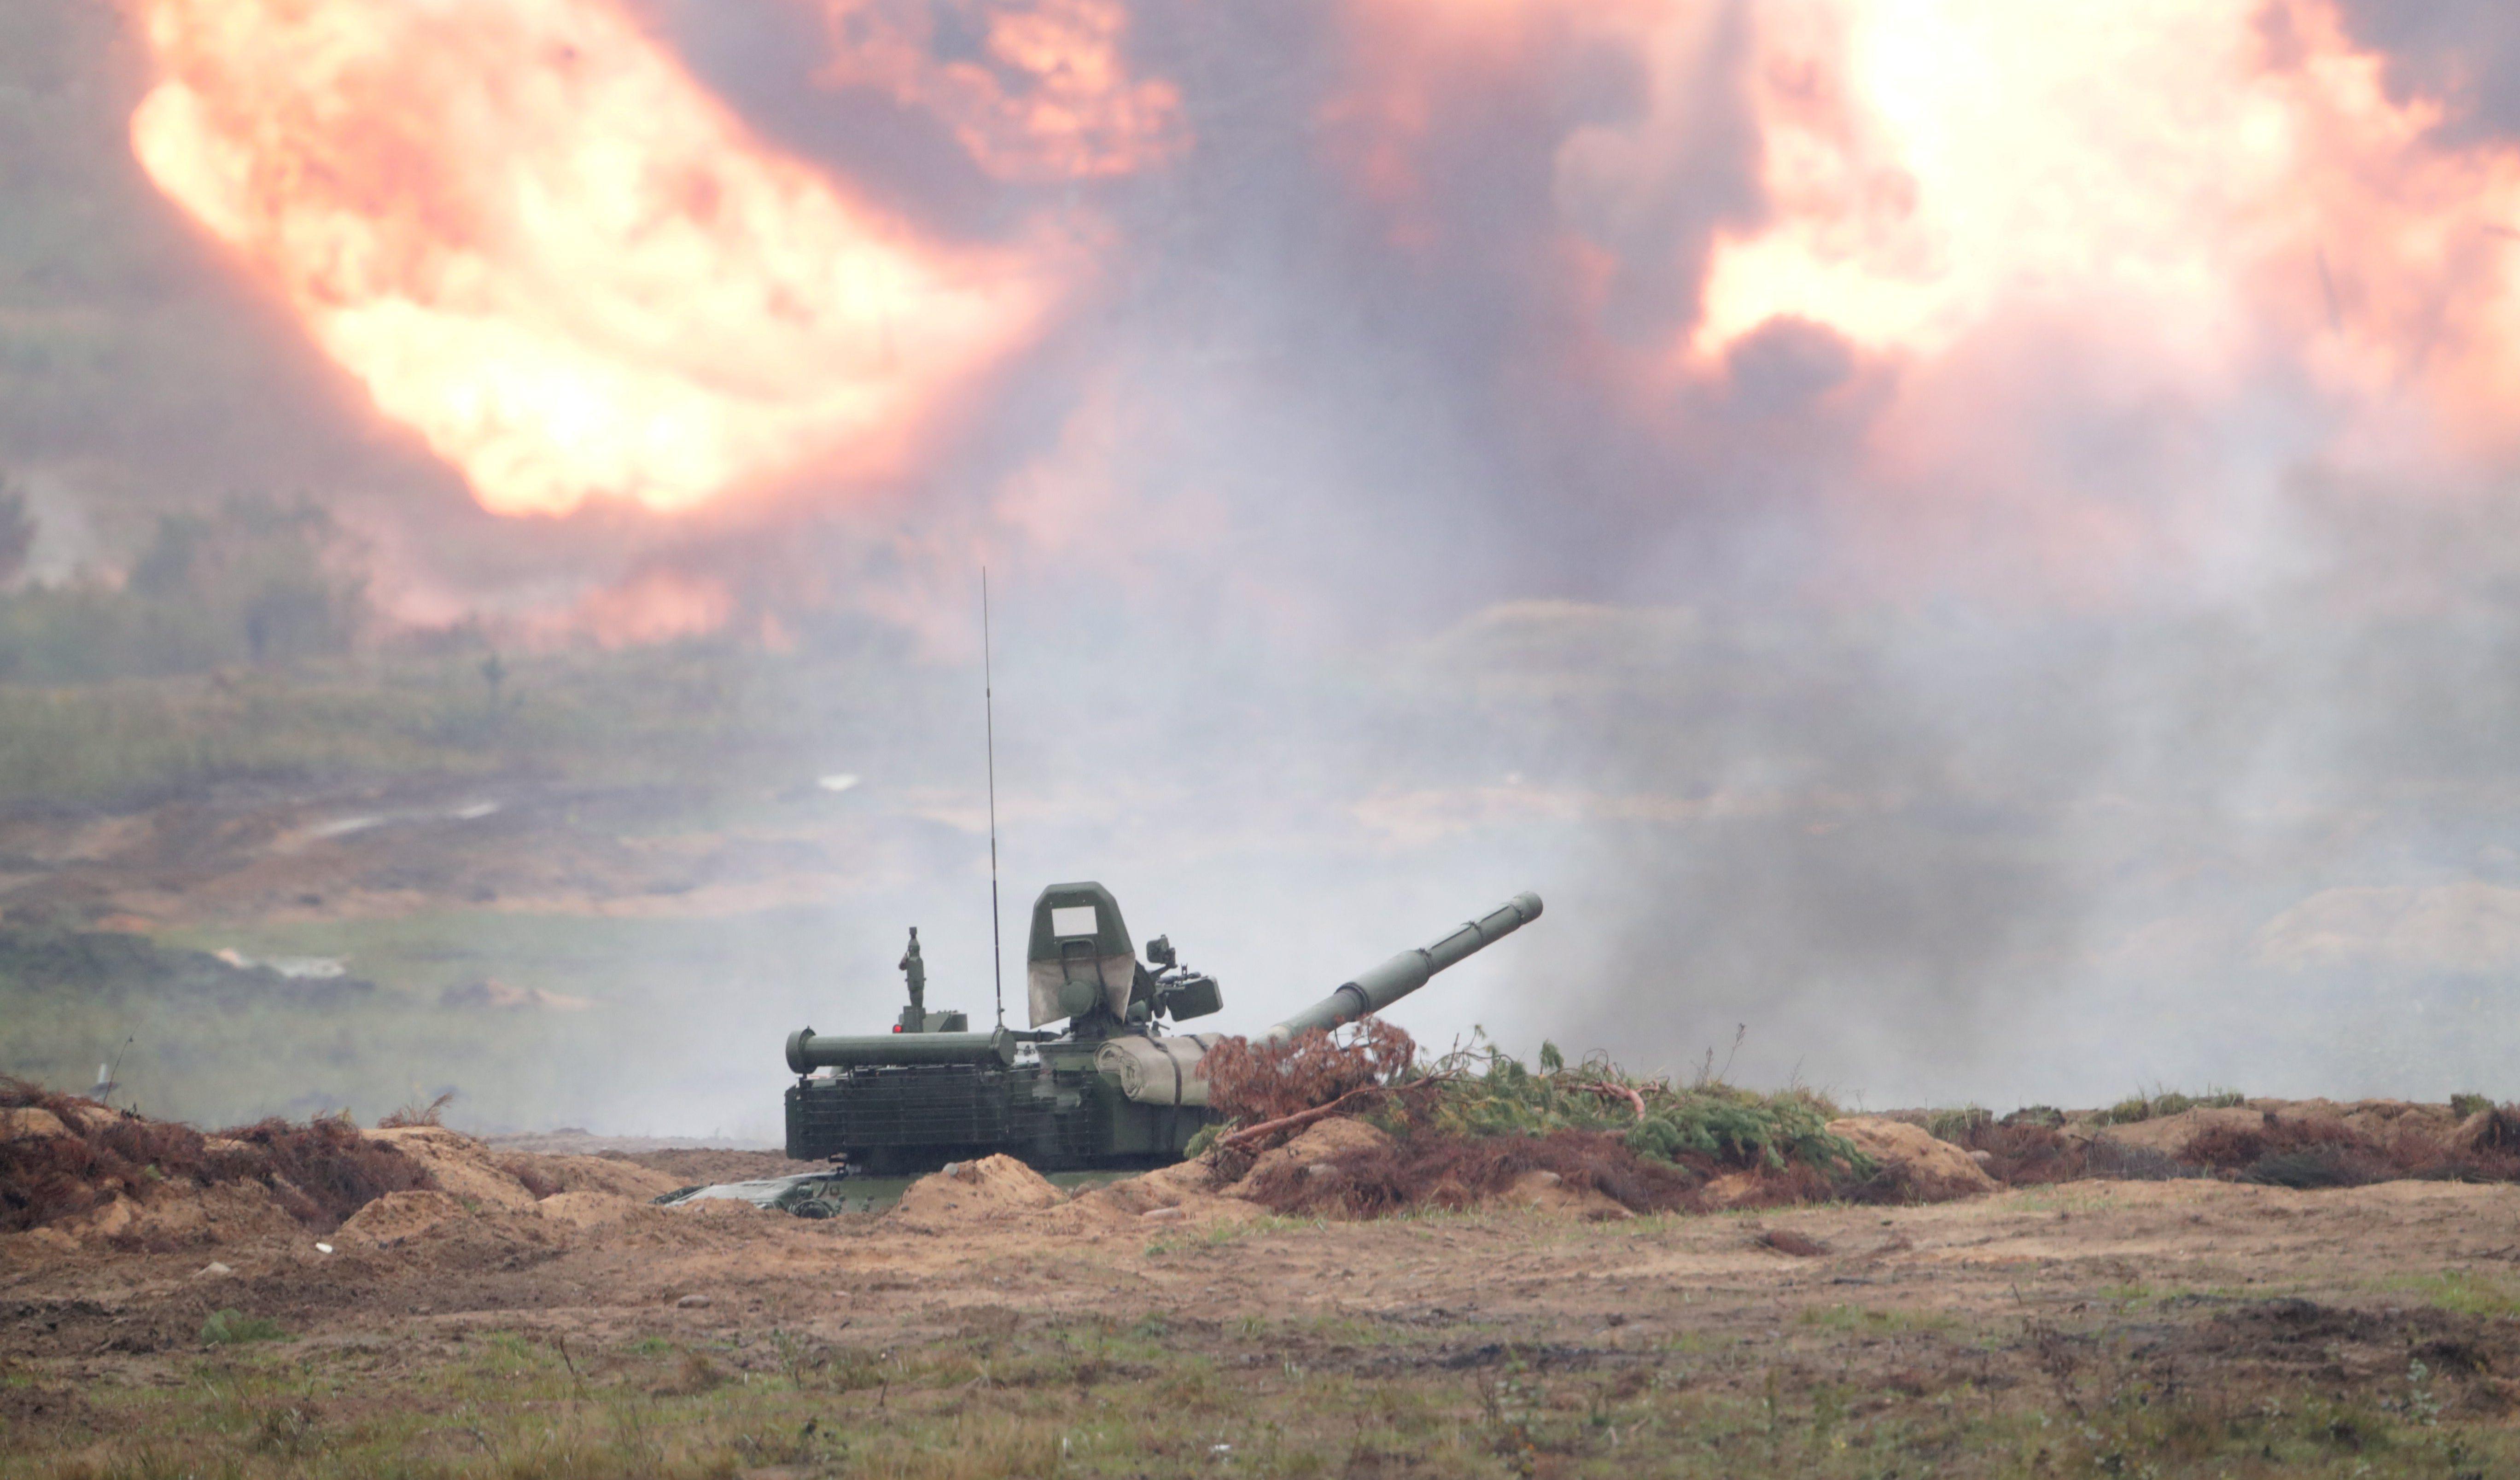 Ukrajina tvrdi kako Rusija nije povukla svu vojsku iz Bjelorusije